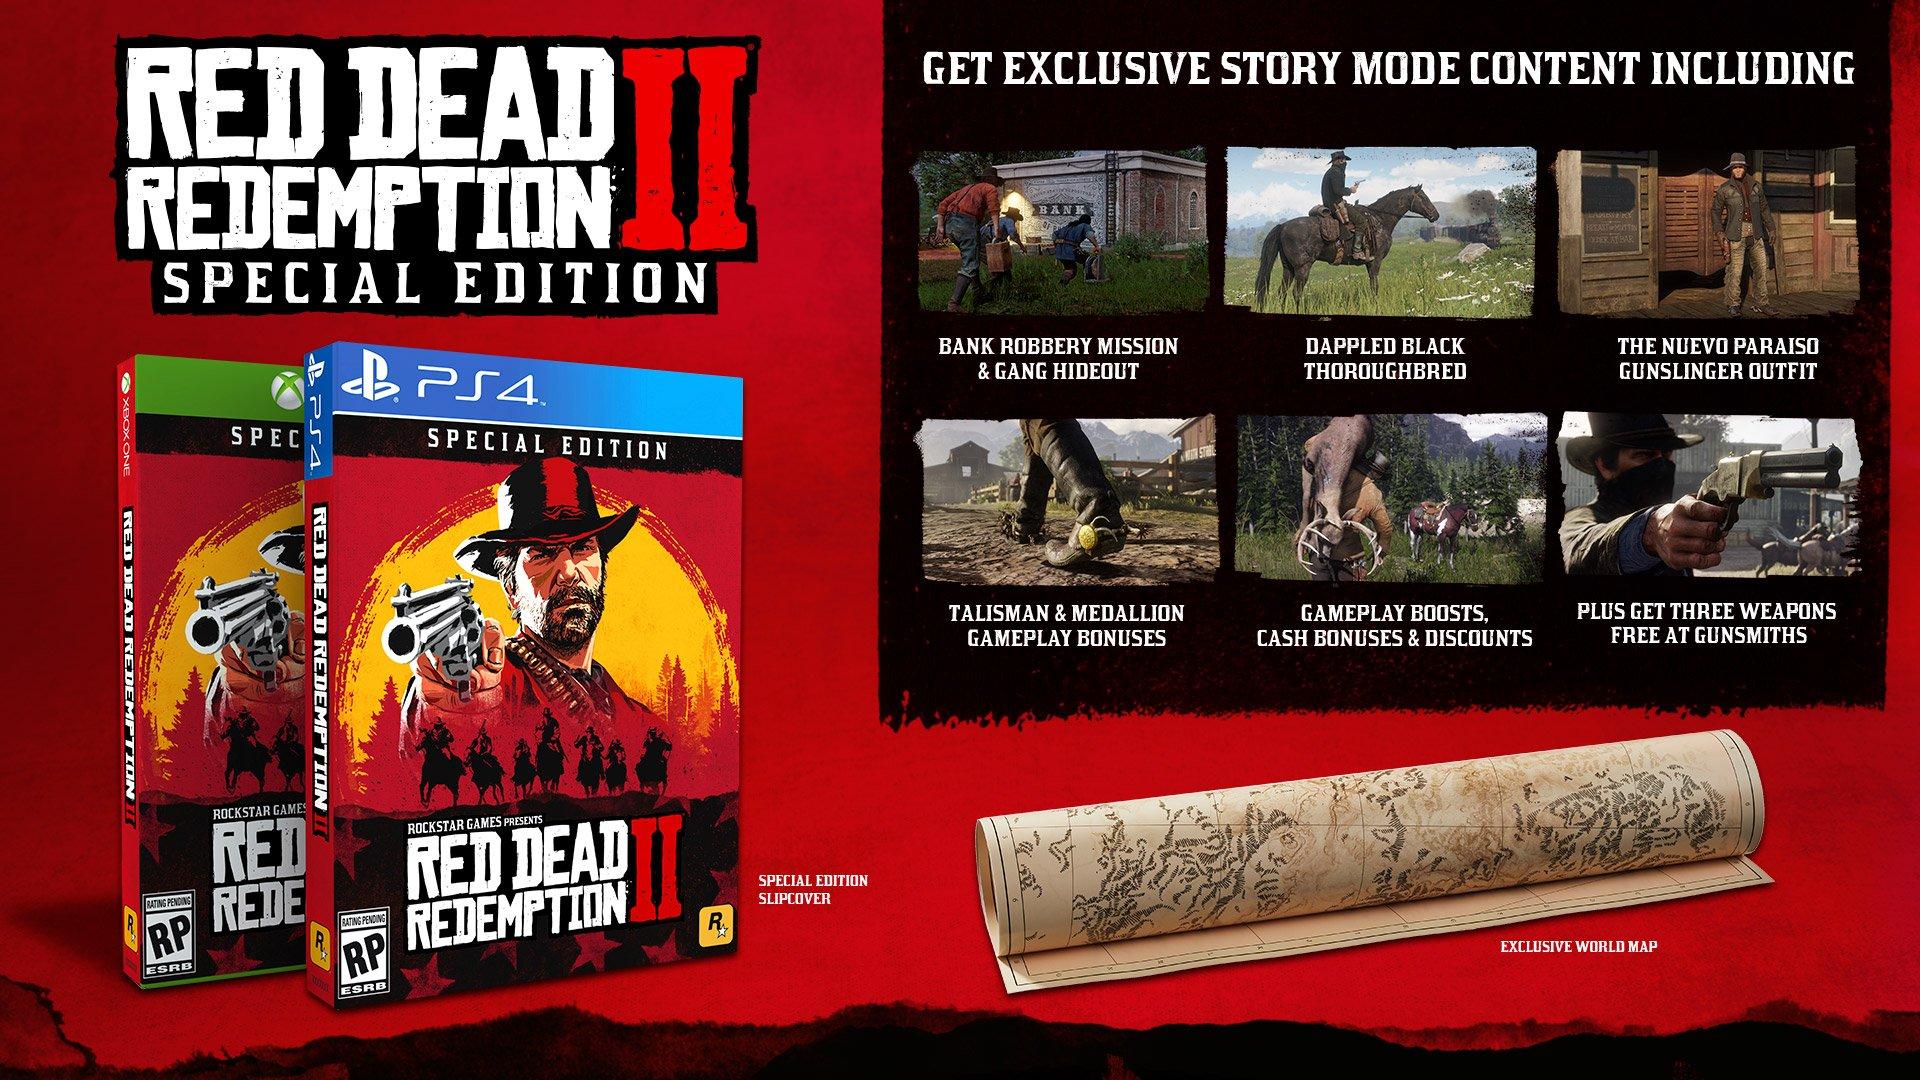 Odhaleny speciální edice Red Dead Redemption 2 Red Dead Redemption specialni edice